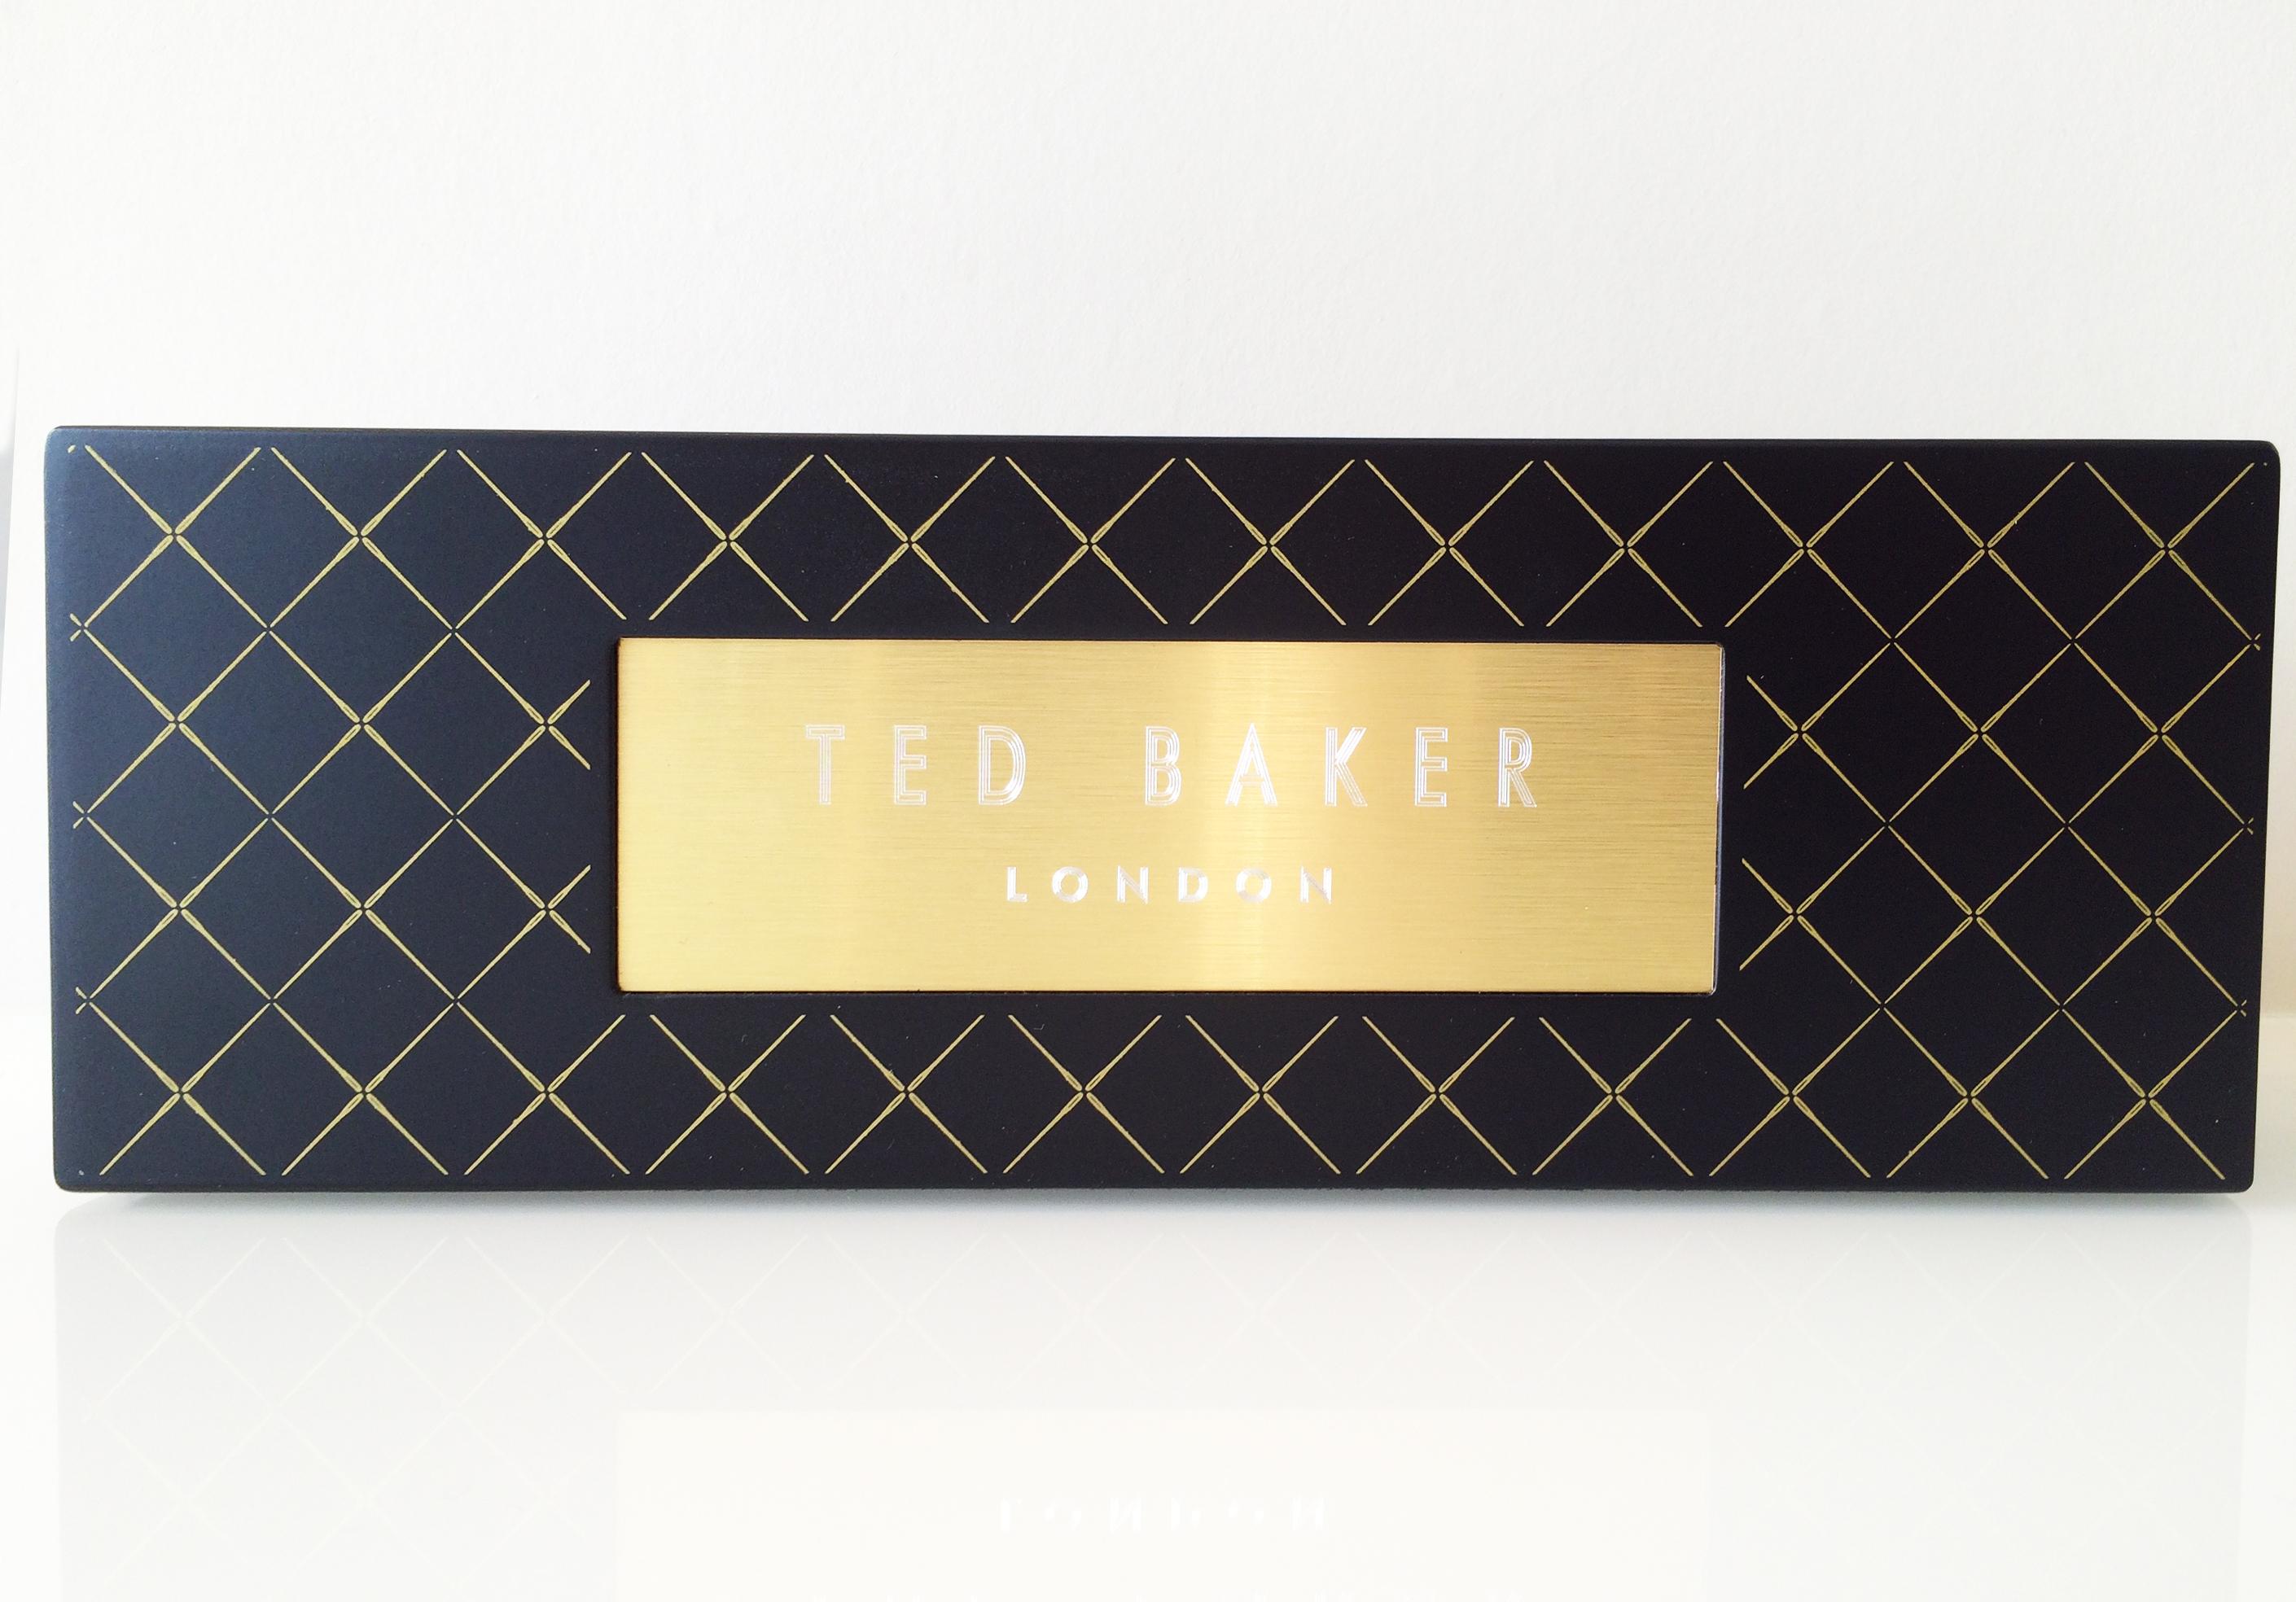 Ted Baker Branding Blocks